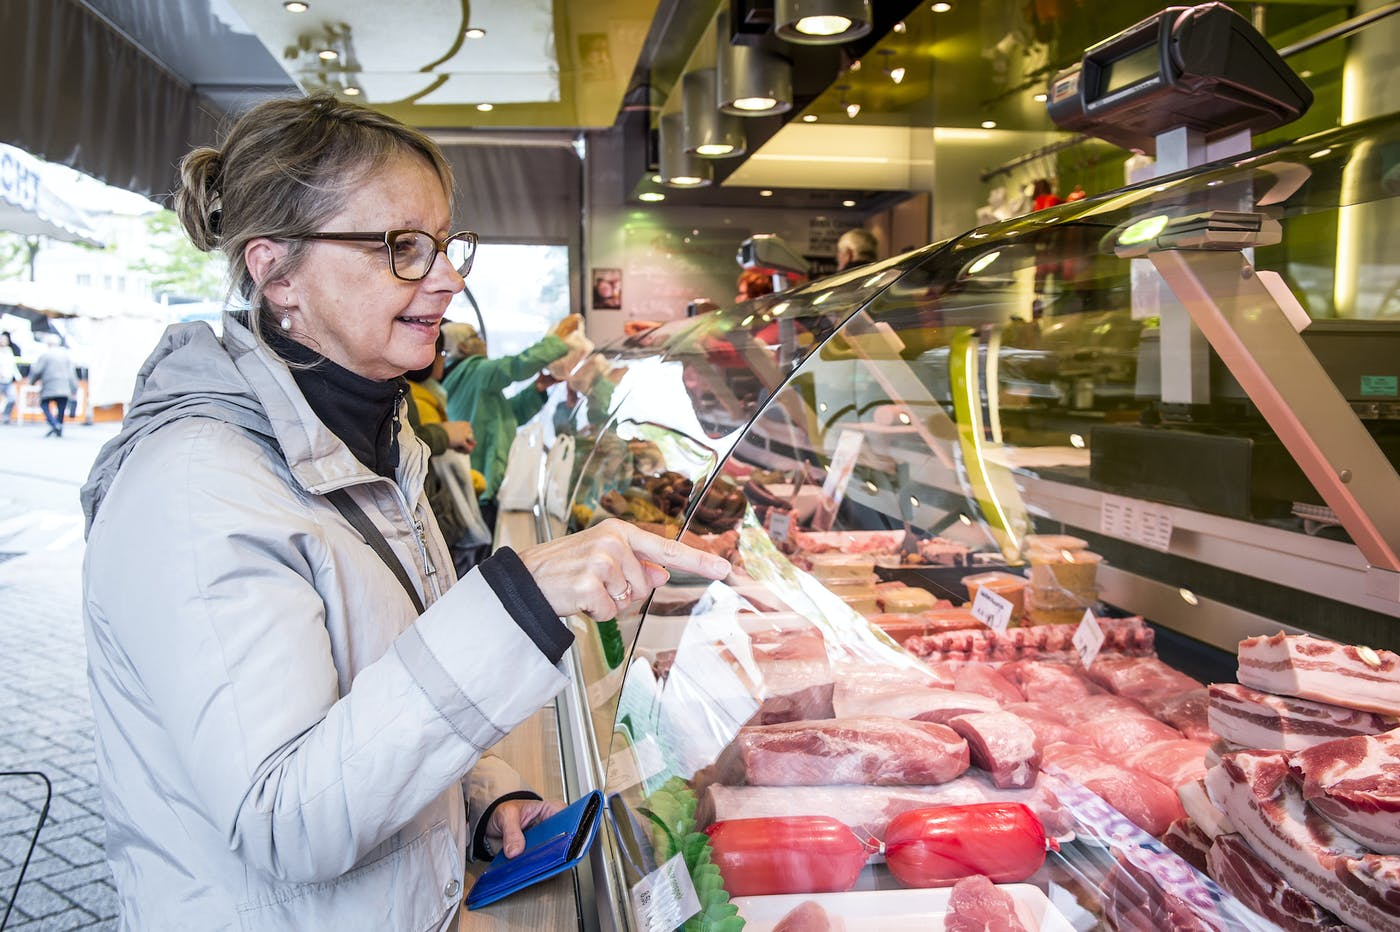 Vrouw bij de slager